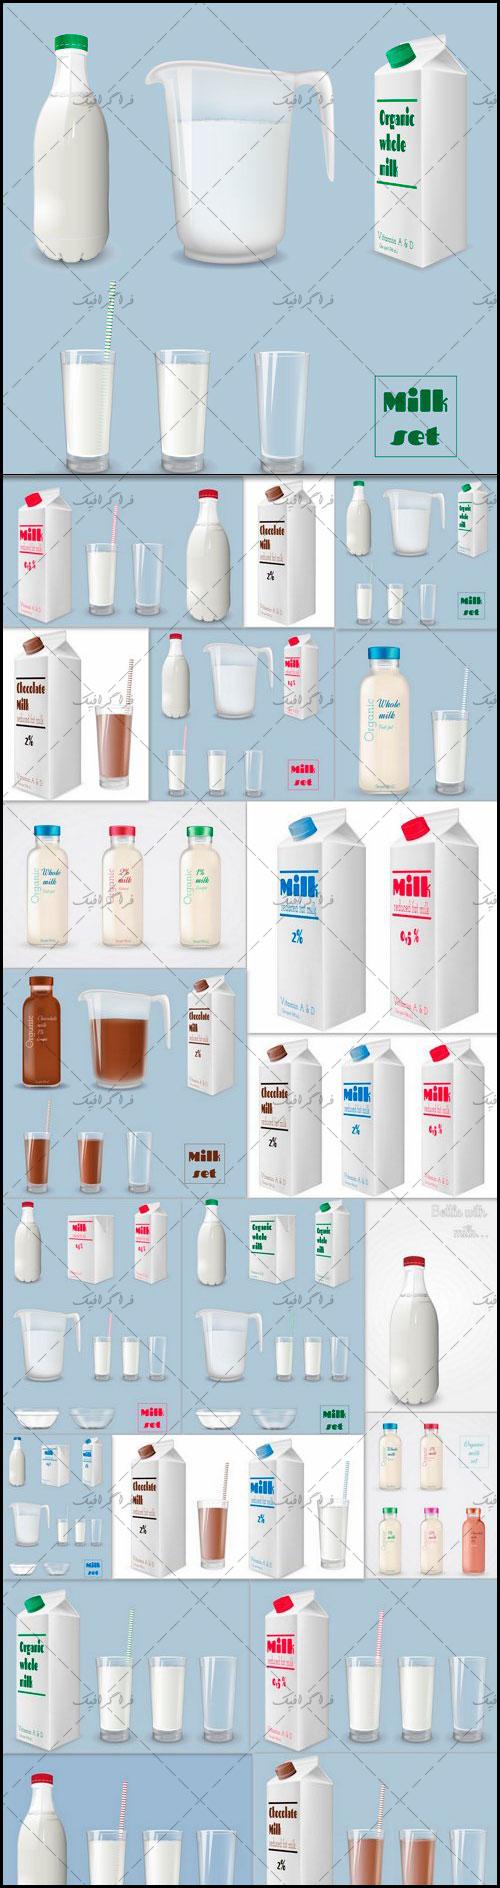 دانلود وکتور های شیر خوراکی در جعبه و لیوان